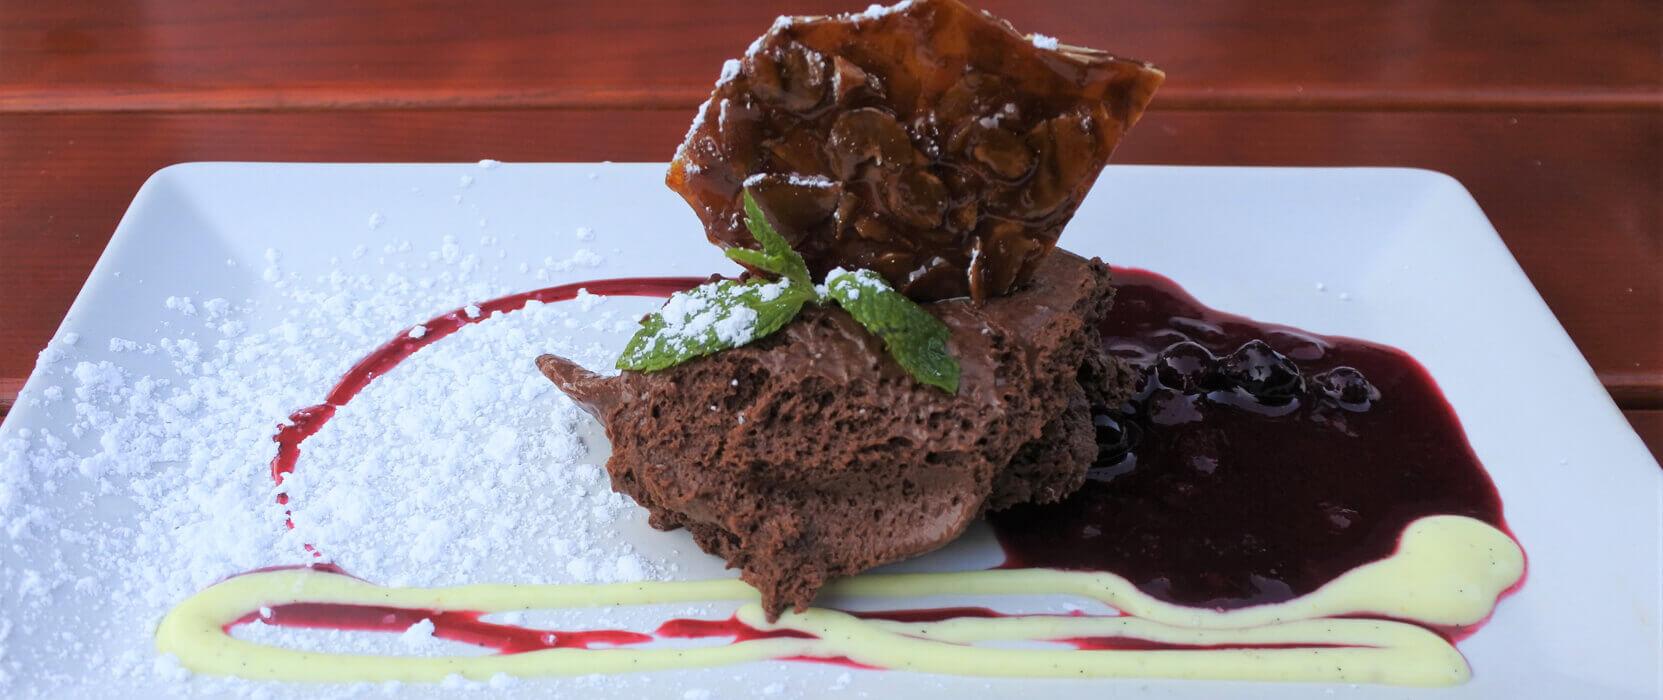 C'est la vie: Französische Restaurants in Köln | Tappo